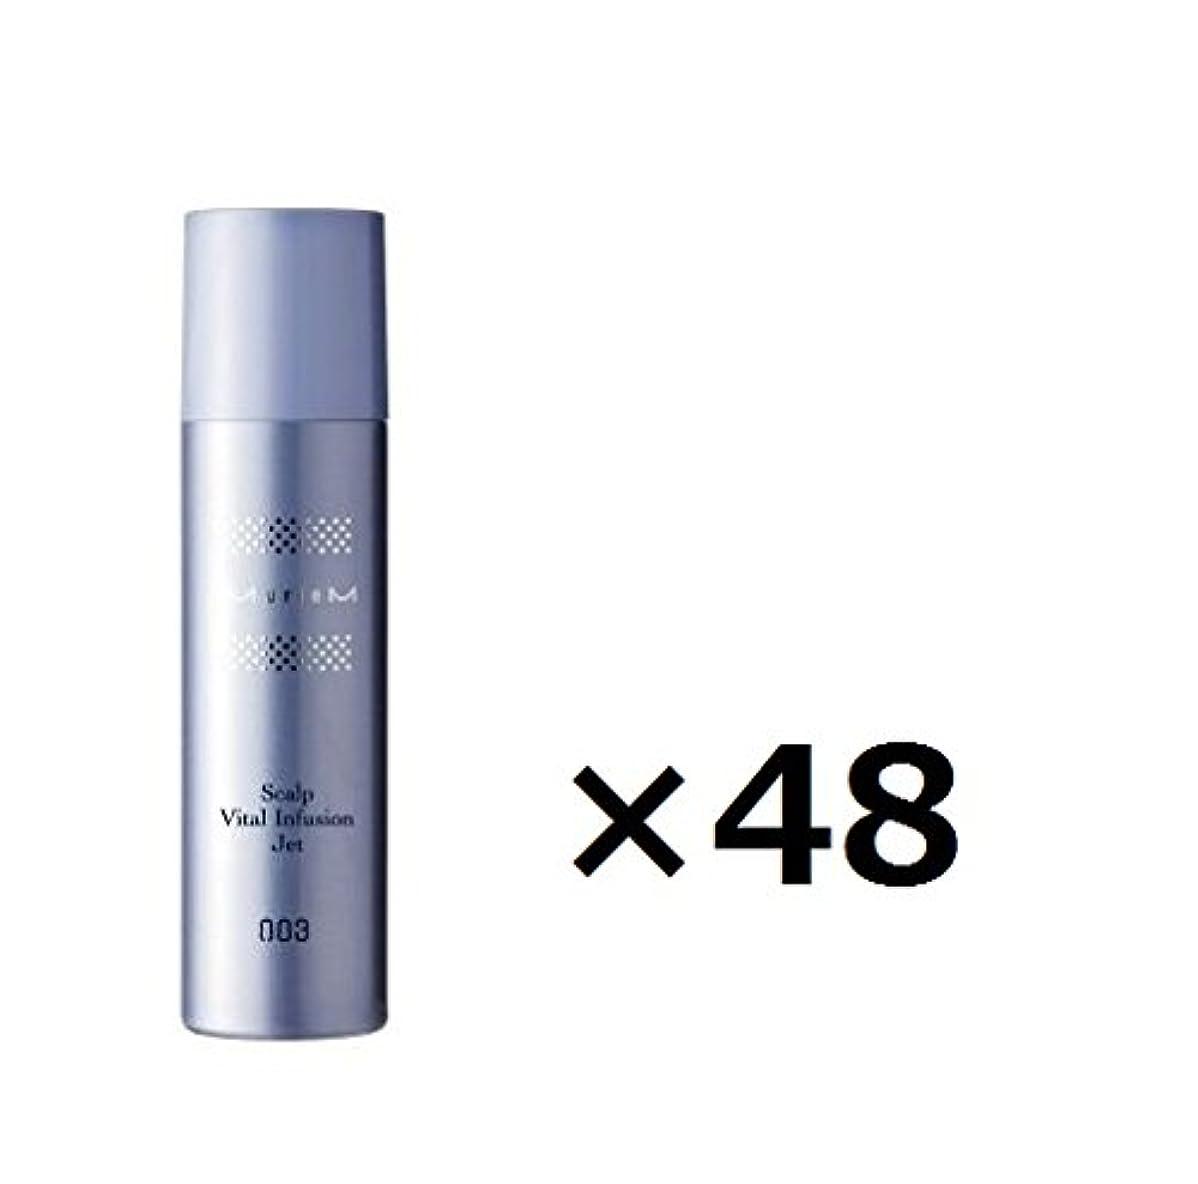 代わりにを立てるペーストジュース【48本セット】ナンバースリー ミュリアム 薬用スカルプバイタル インフュージョンジェット 160g